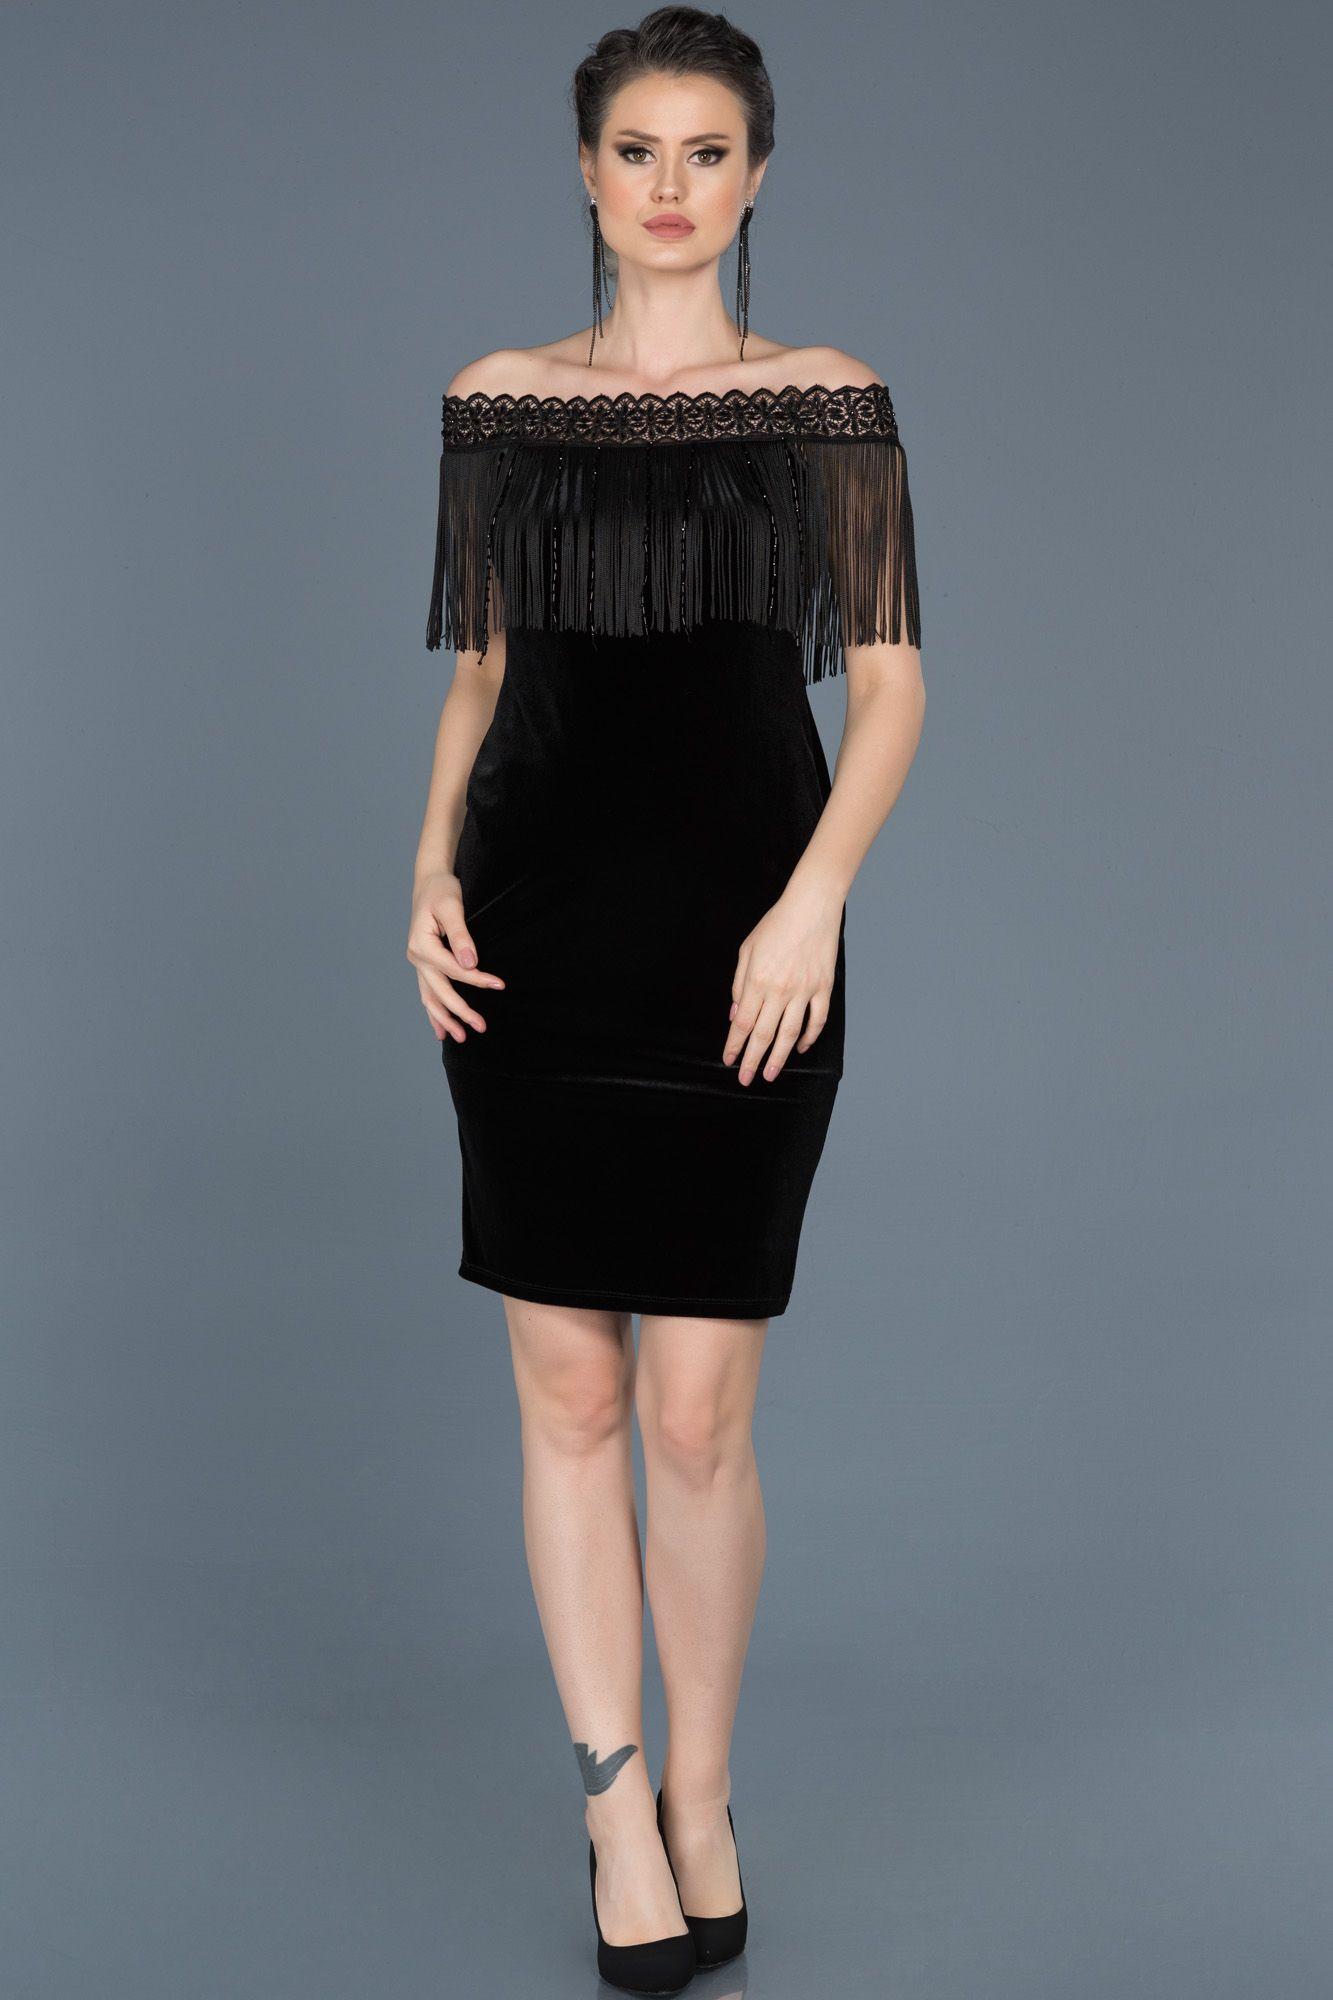 Siyah Puskullu Kayik Yaka Kadife Elbise Abk355 Elbise Elbiseler Kiyafet